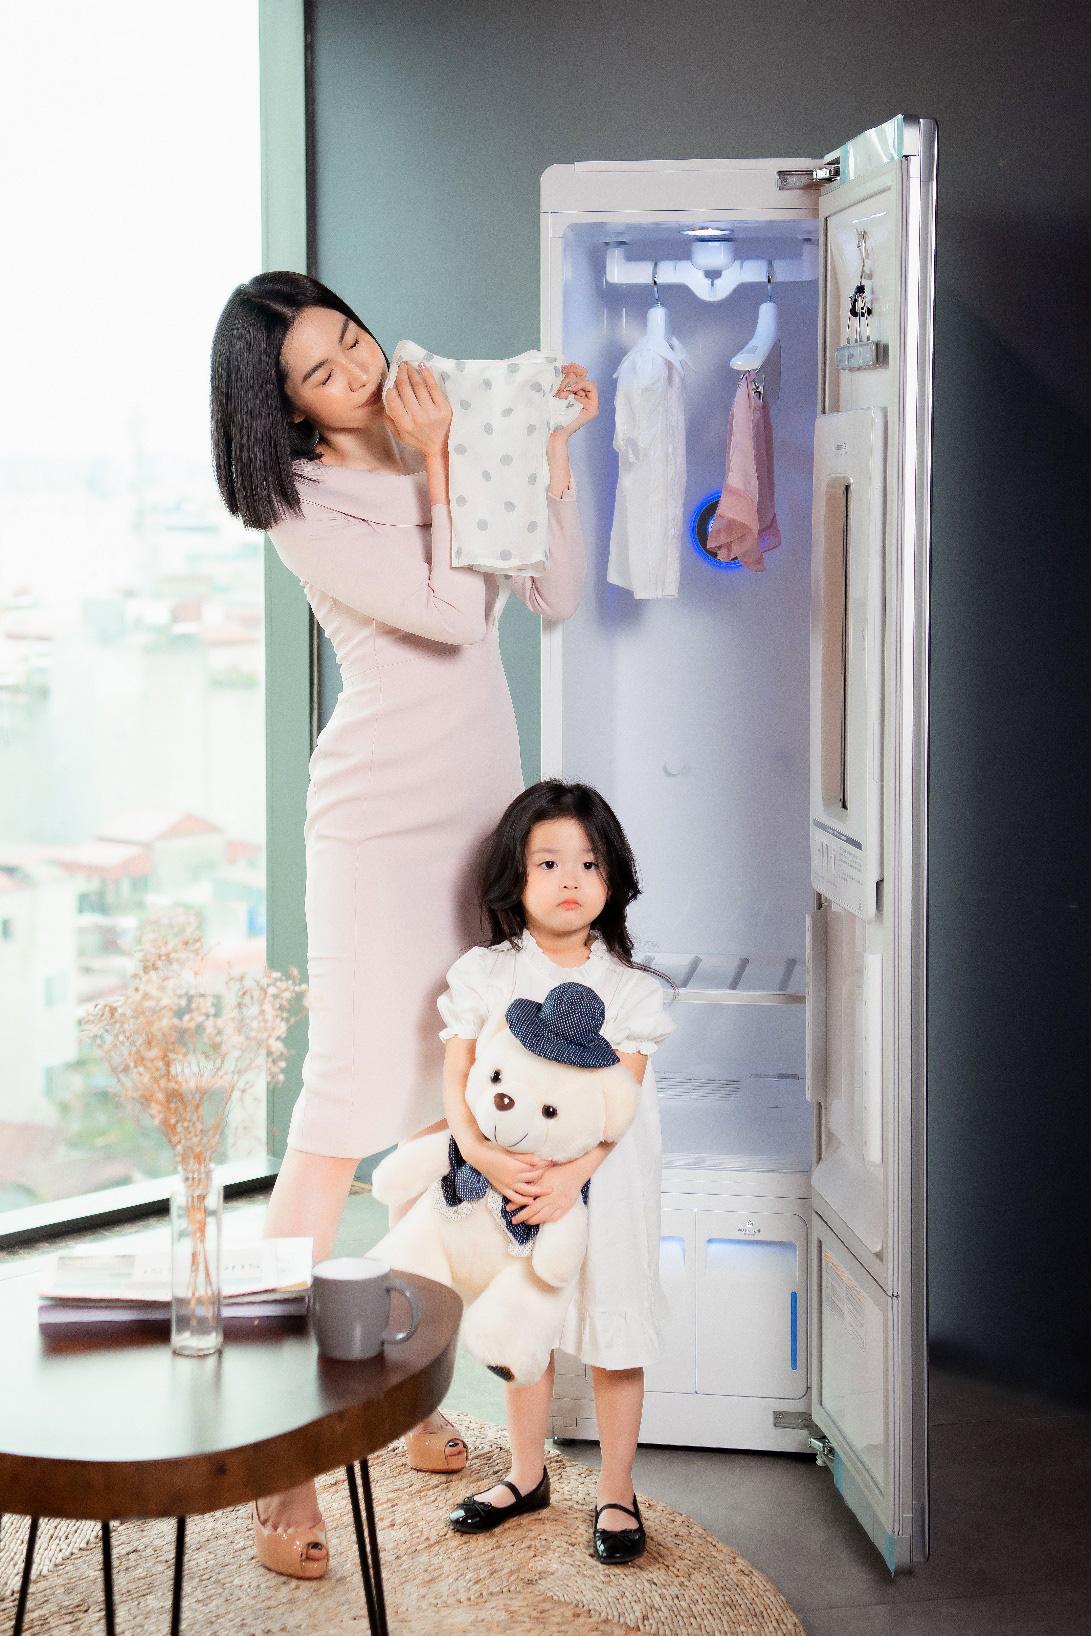 Mẹ 3 con khoe vóc dáng đốt mắt người nhìn và chia sẻ cả loạt bí quyết chăm con đáng học hỏi - Ảnh 5.